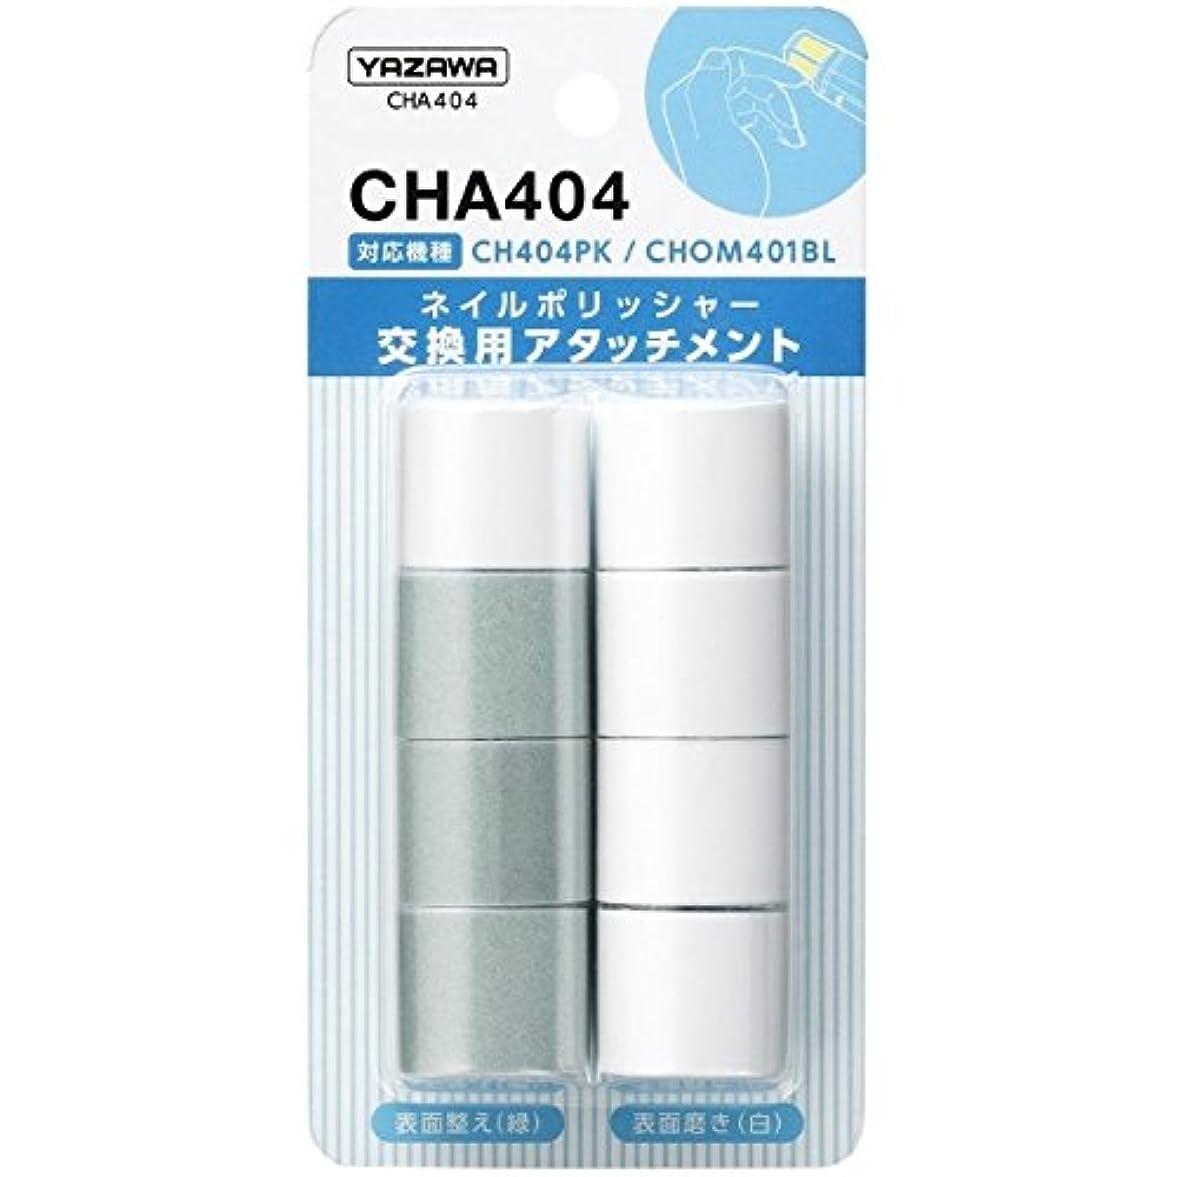 YAZAWA(ヤザワコーポレーション) ネイルポリッシャー交換用アタッチメント CHA404